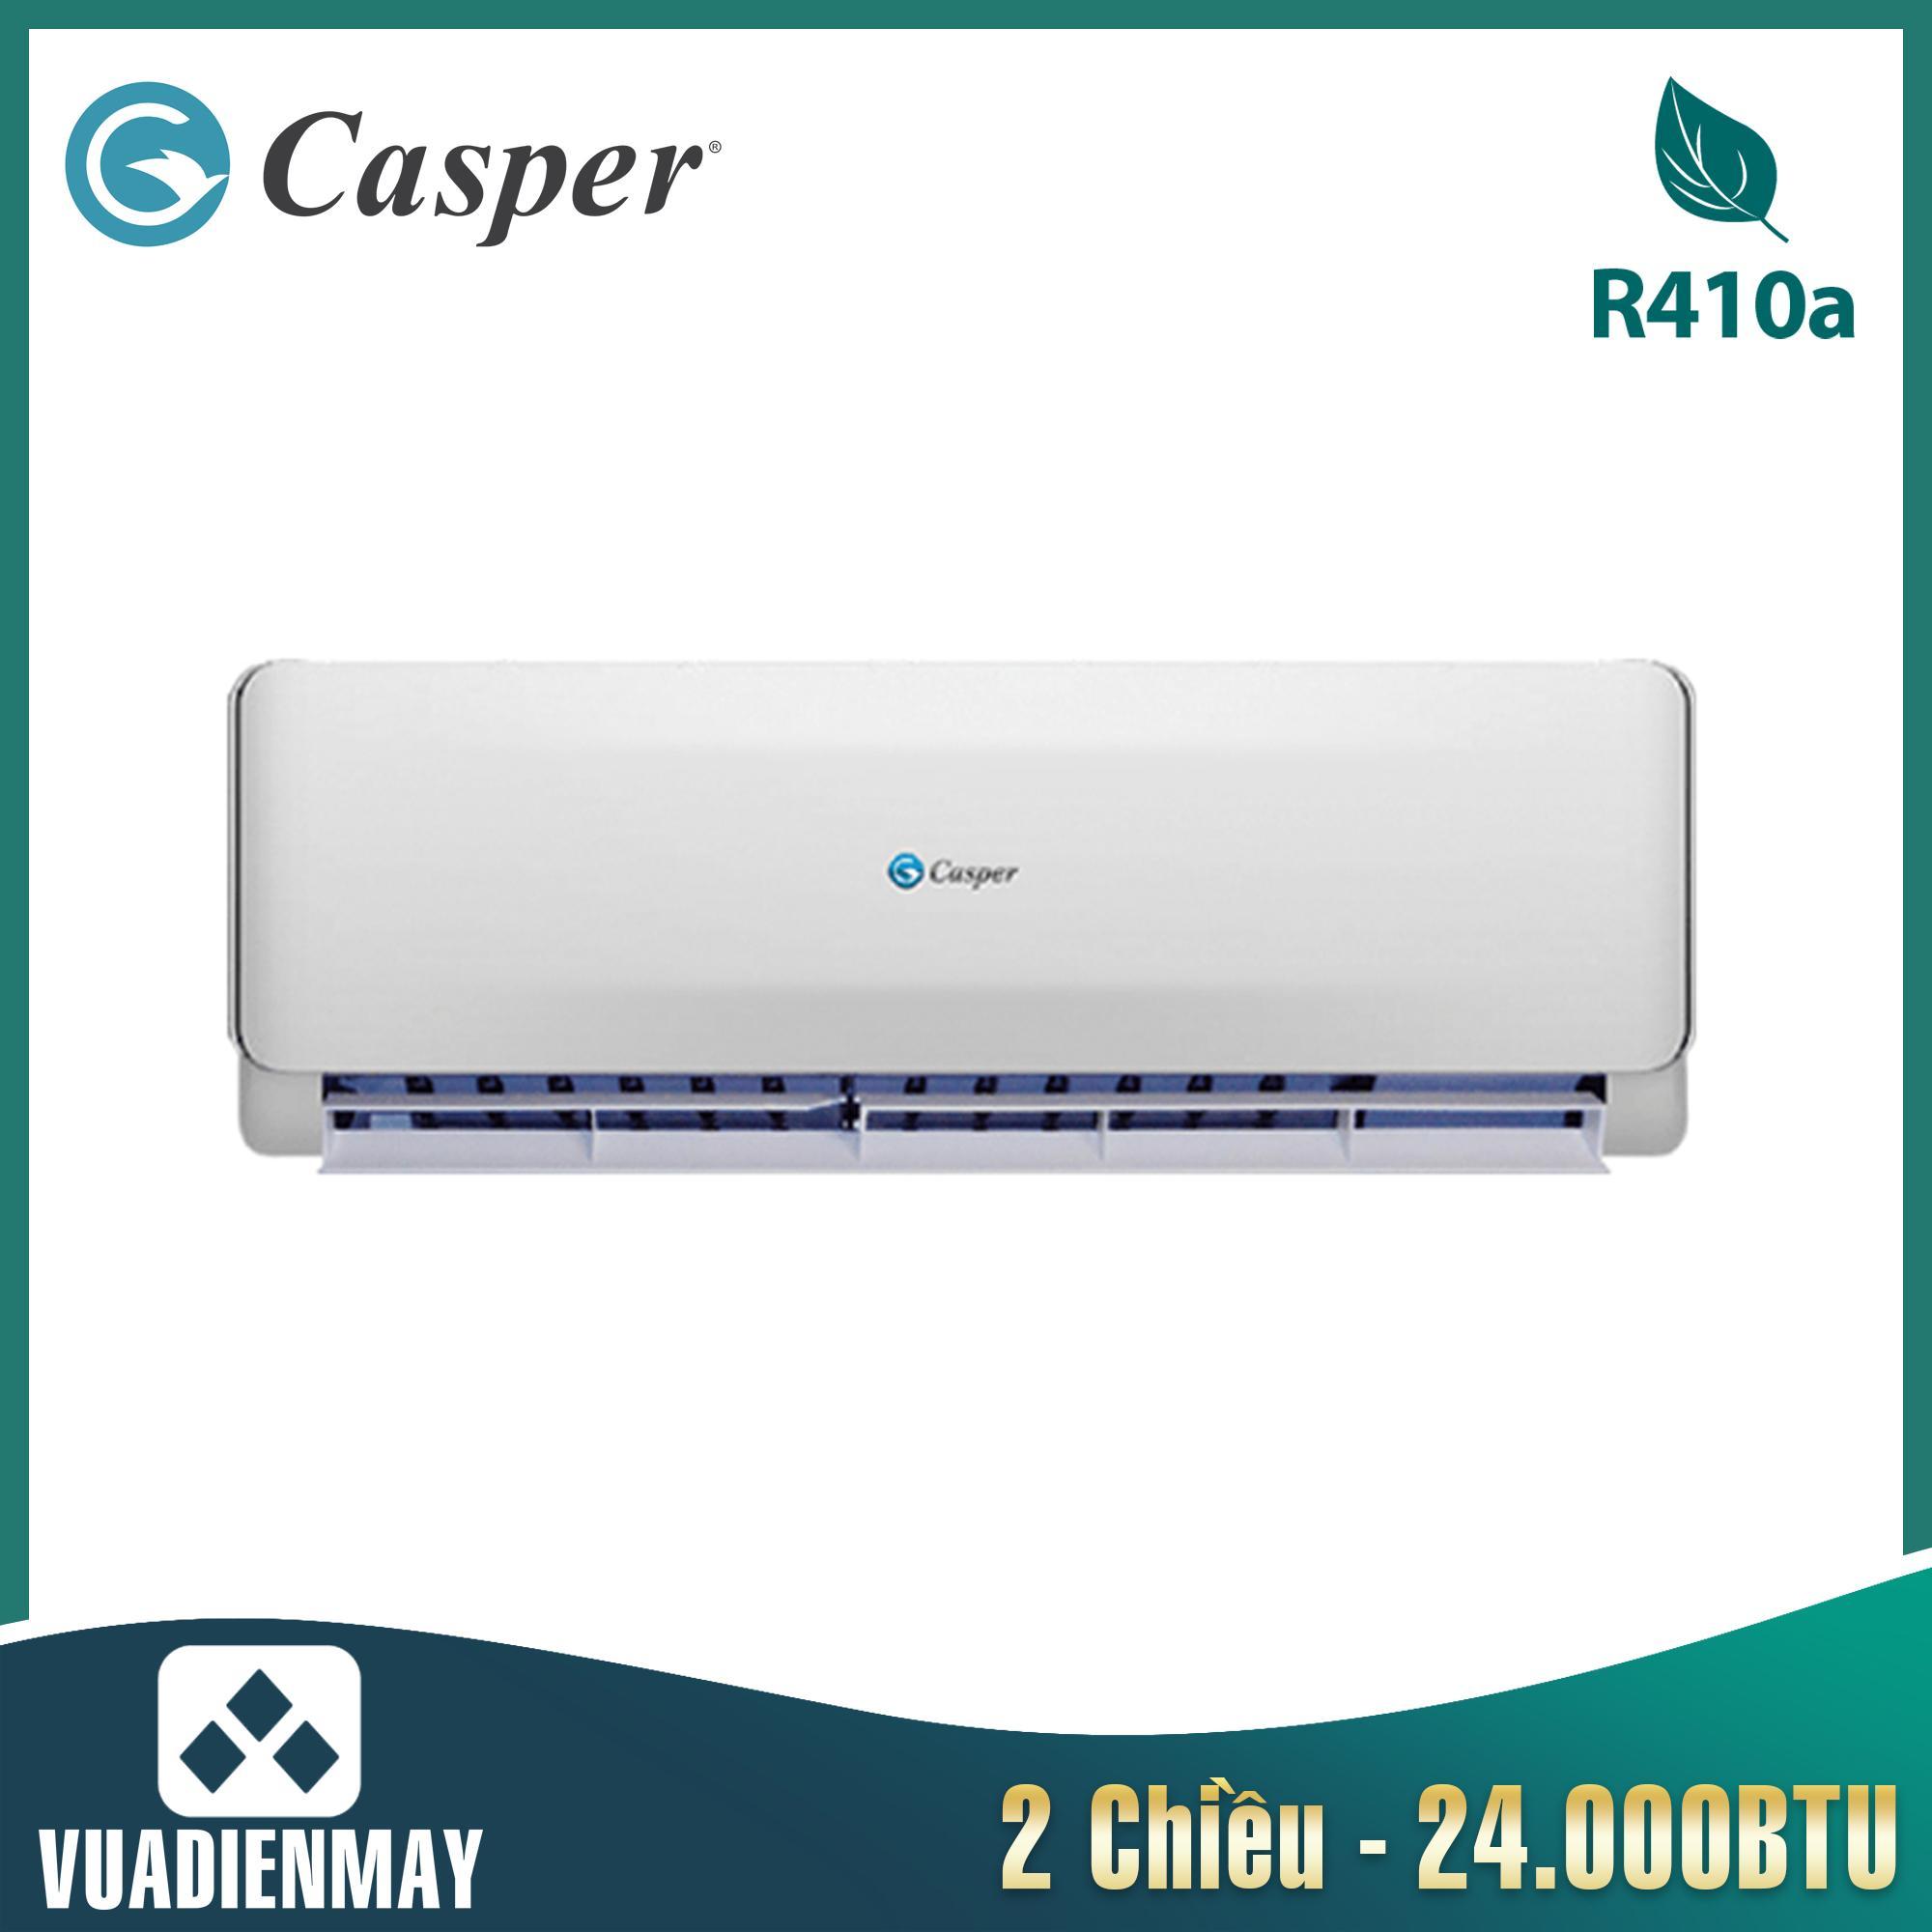 EH24TL22, điều hòa casper 24000BTU 2 chiều